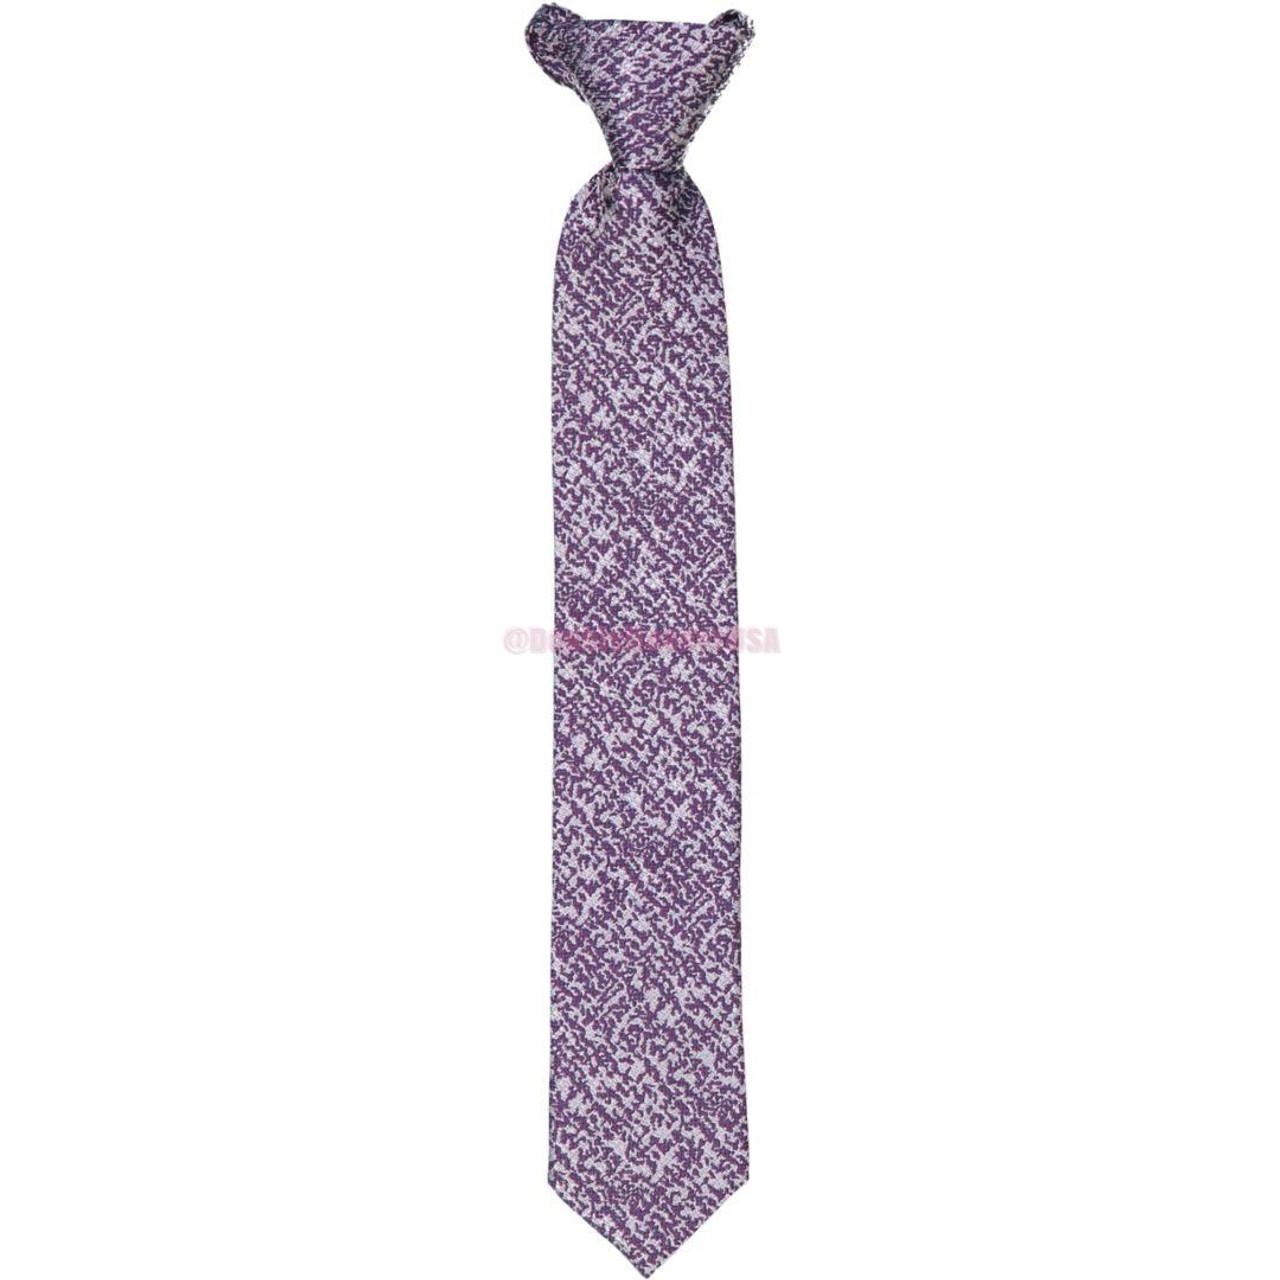 West End Necktie - WE3211